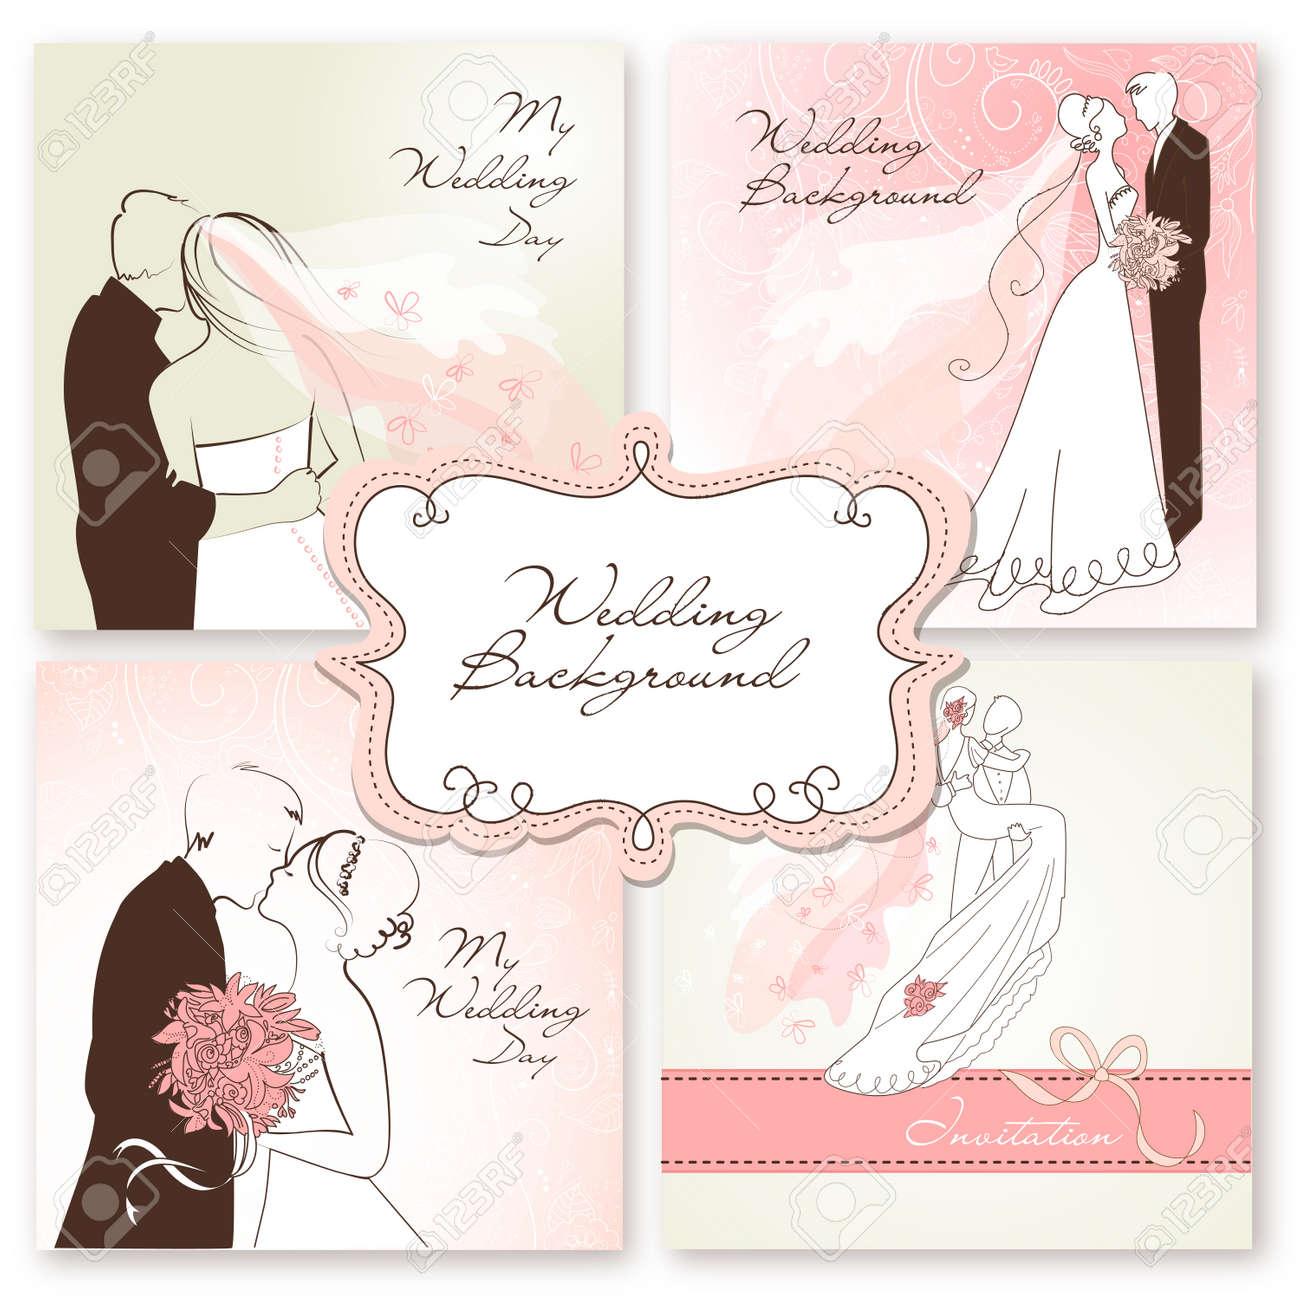 Célèbre Sfondi Partecipazioni Matrimonio | Householdlinenscork EY21